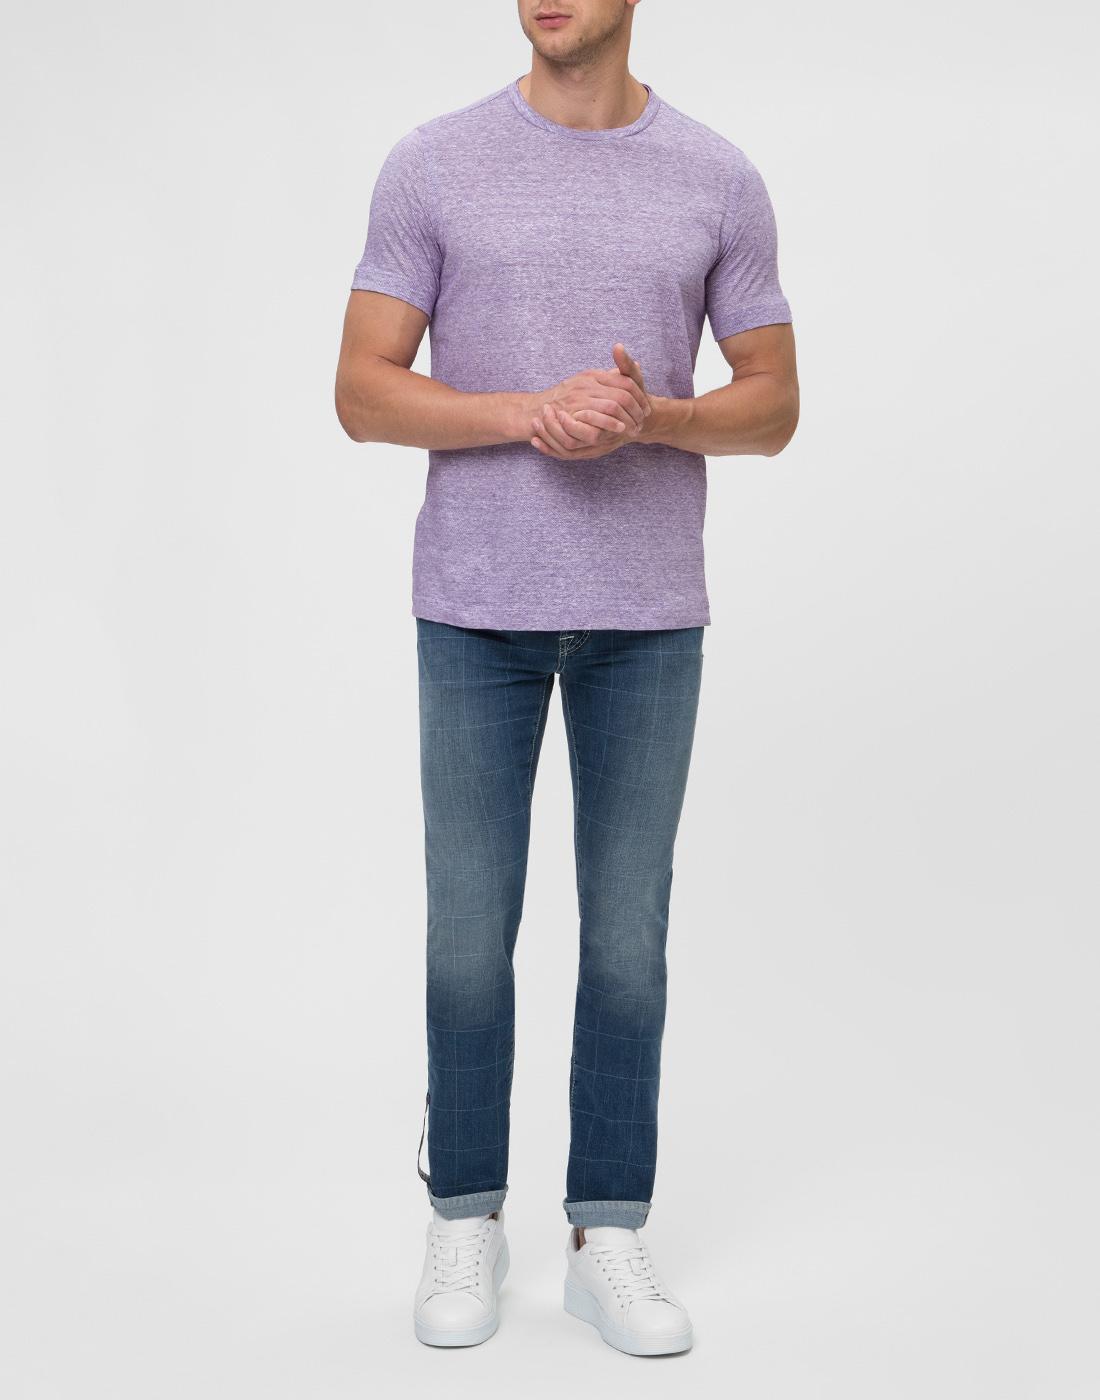 Мужские синие джинсы Leonardo Tramarossa SD361 L2-6